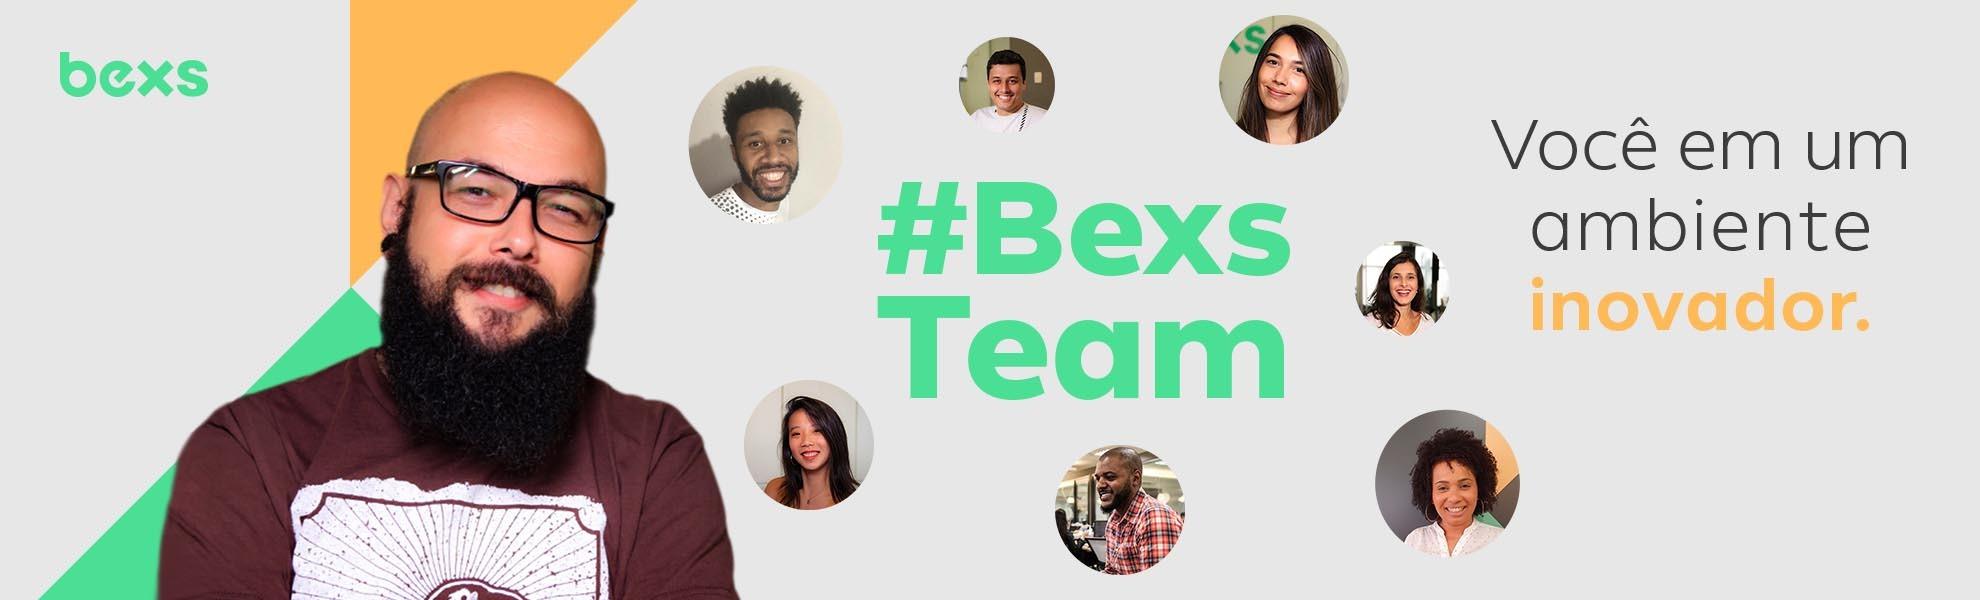 Bexs Banco